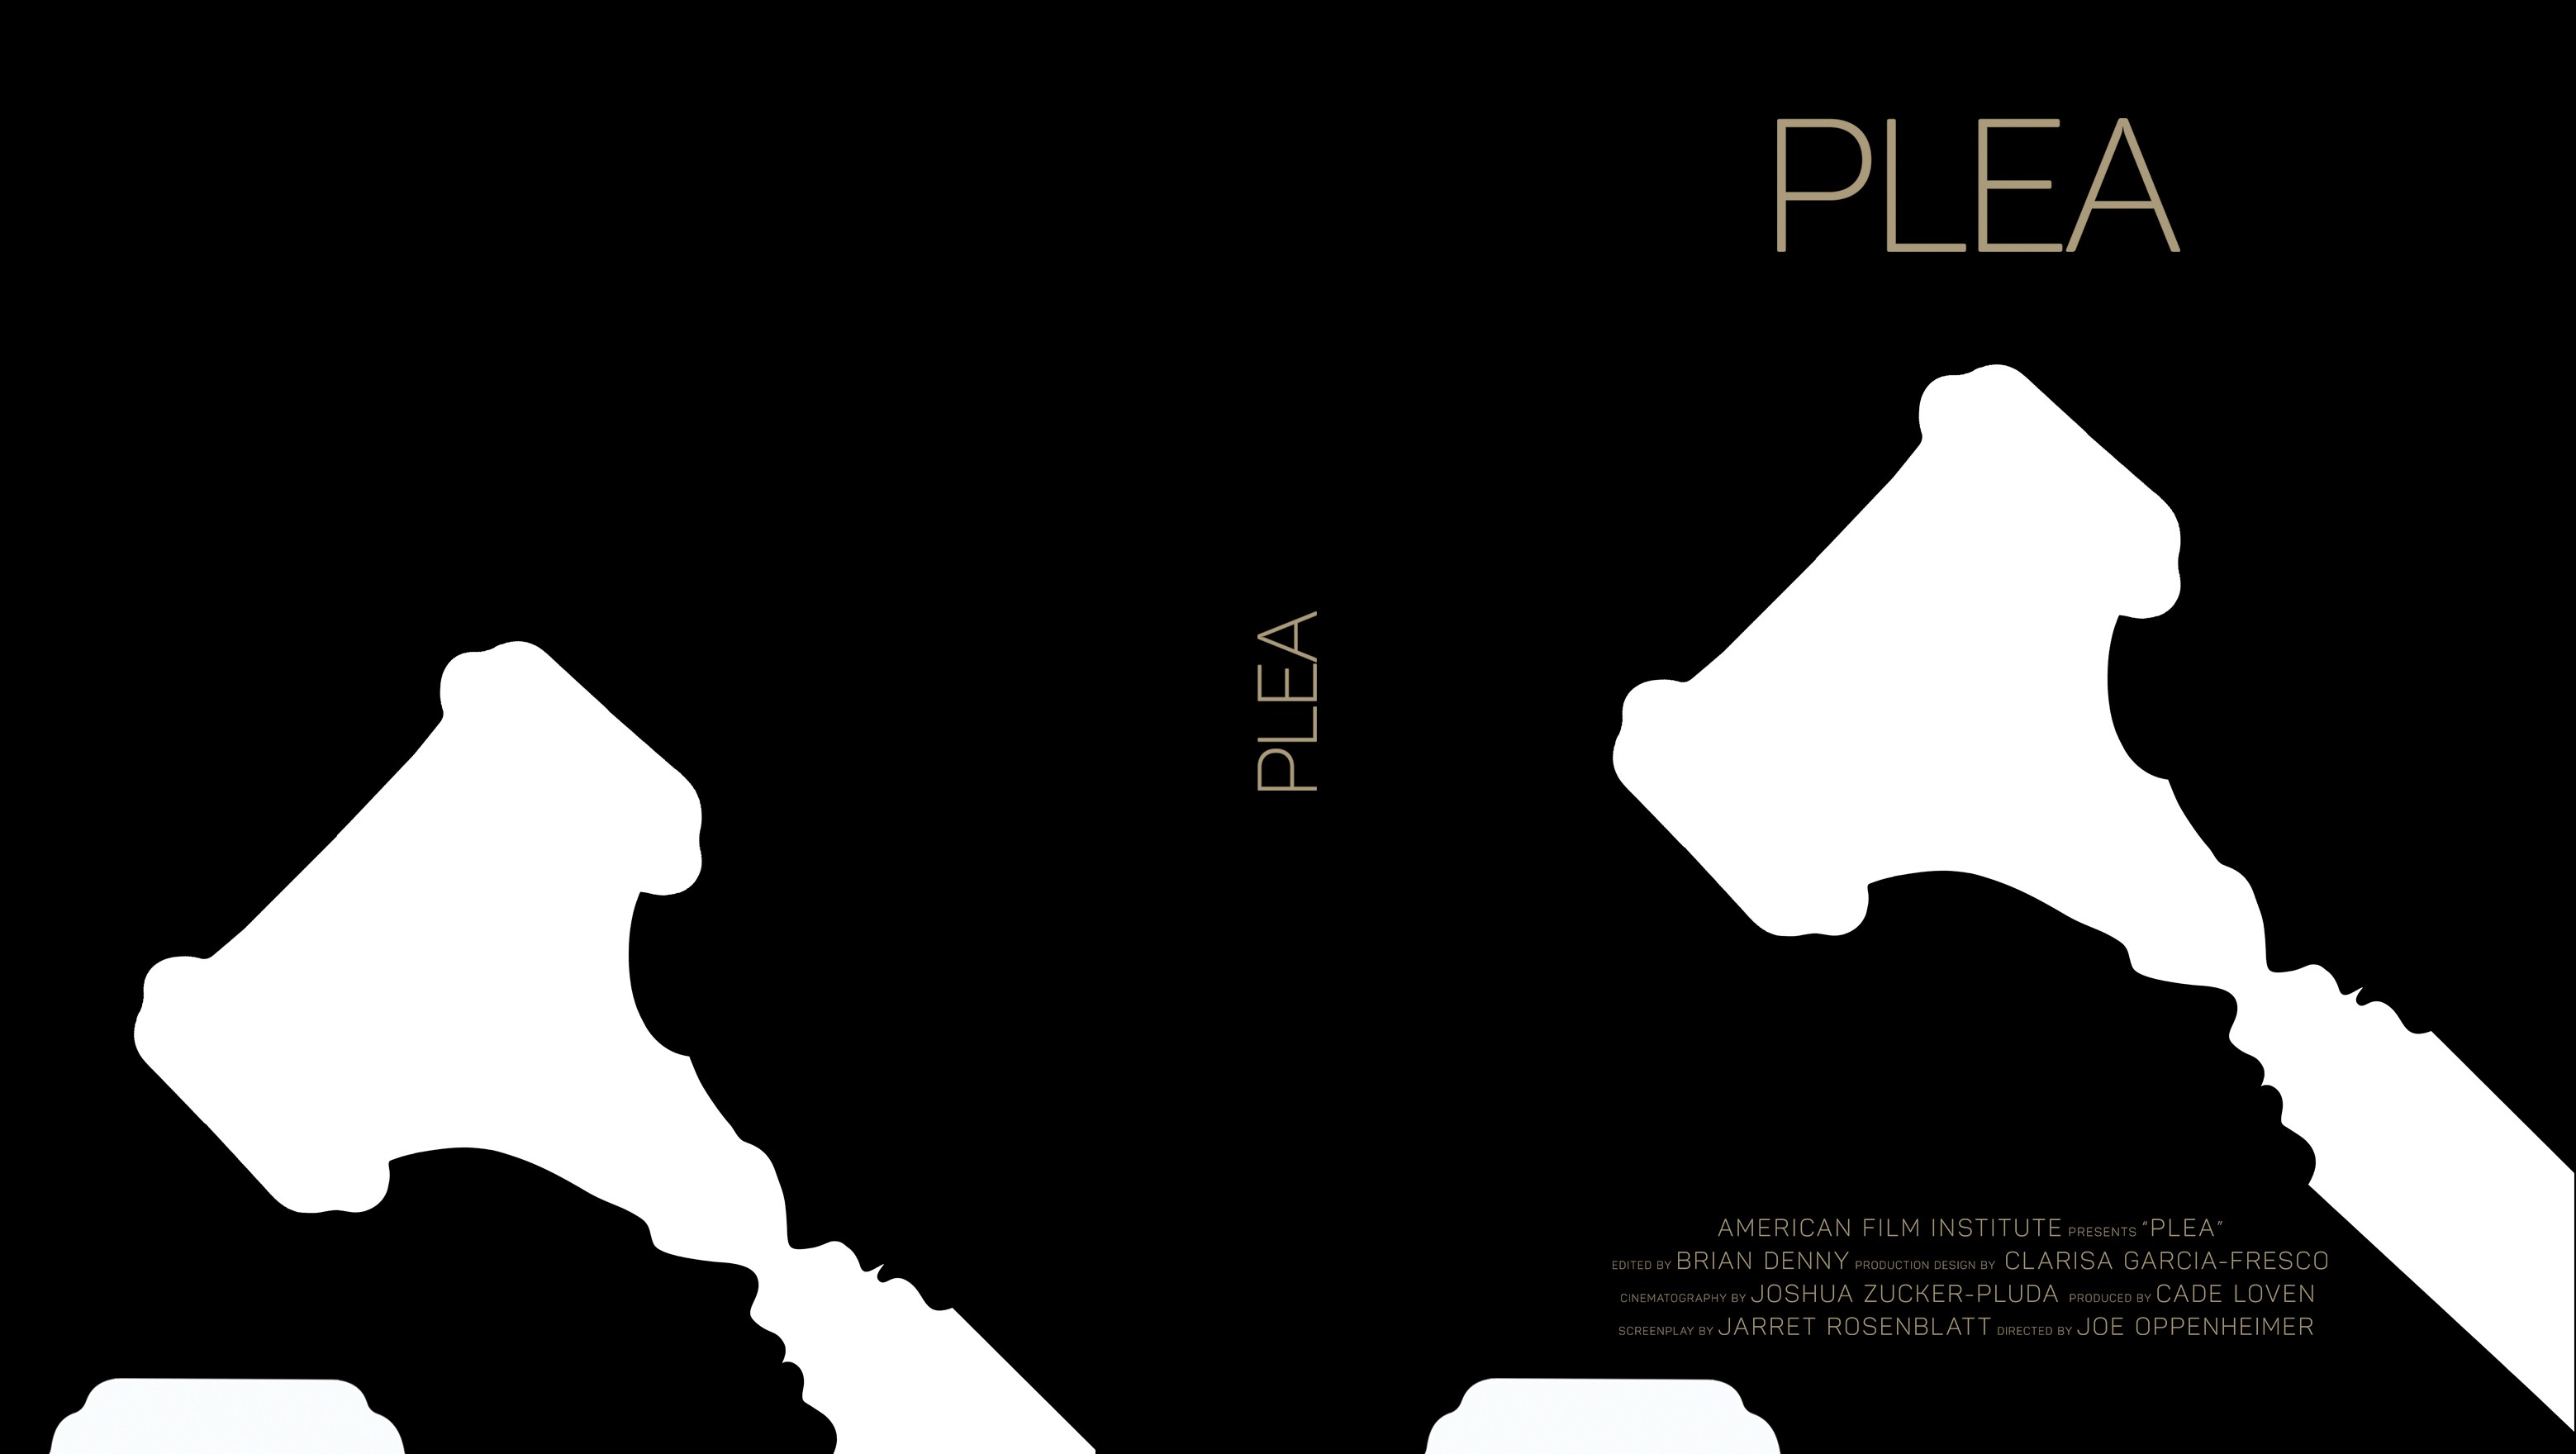 Poster Plea Fix Continuation